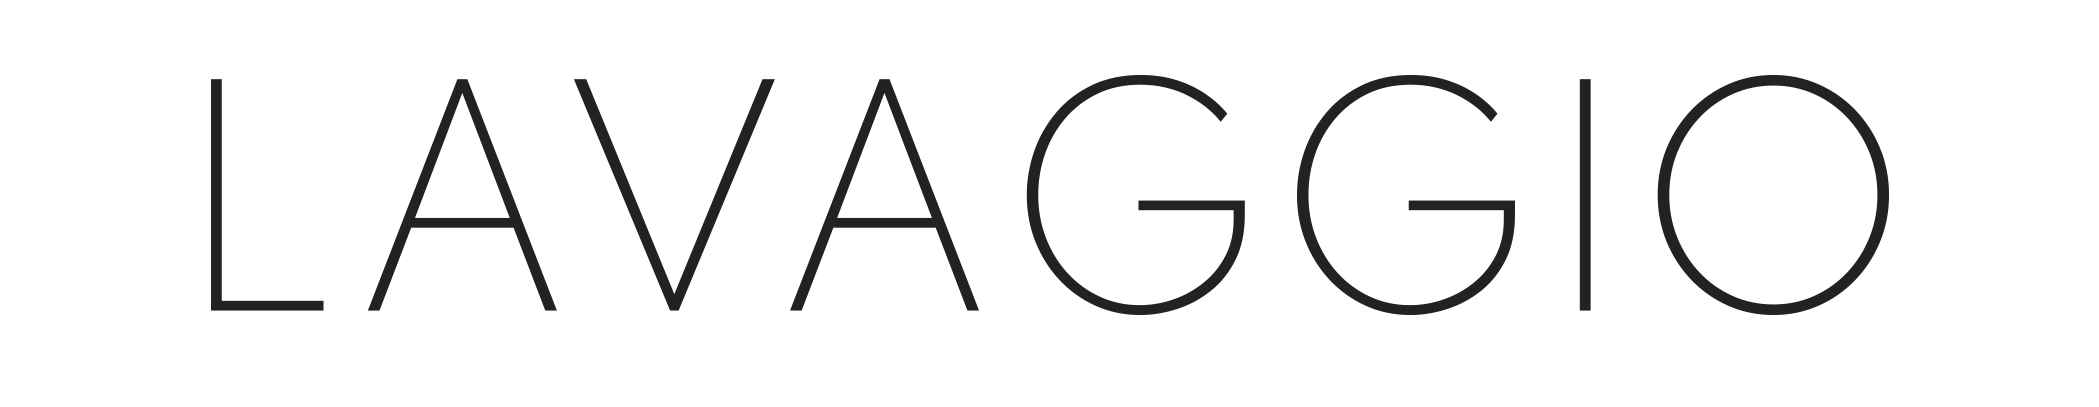 Lavaggio | Producent obuwia